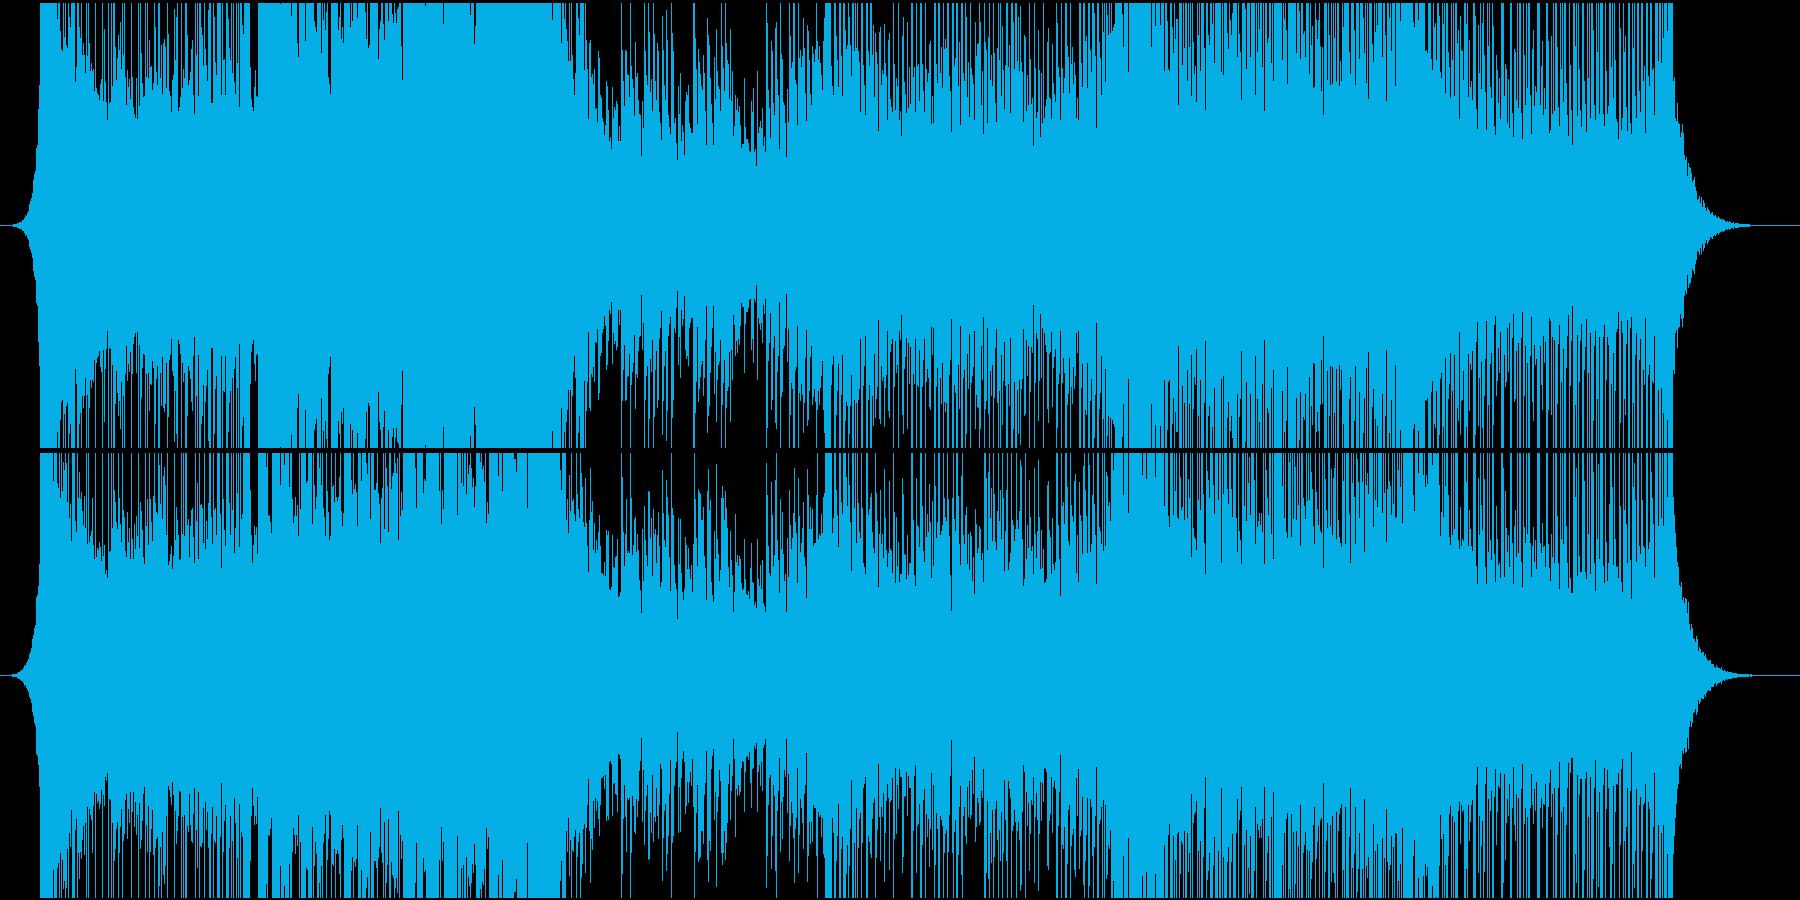 ライブ向きメジャー系オーバーチュアの再生済みの波形